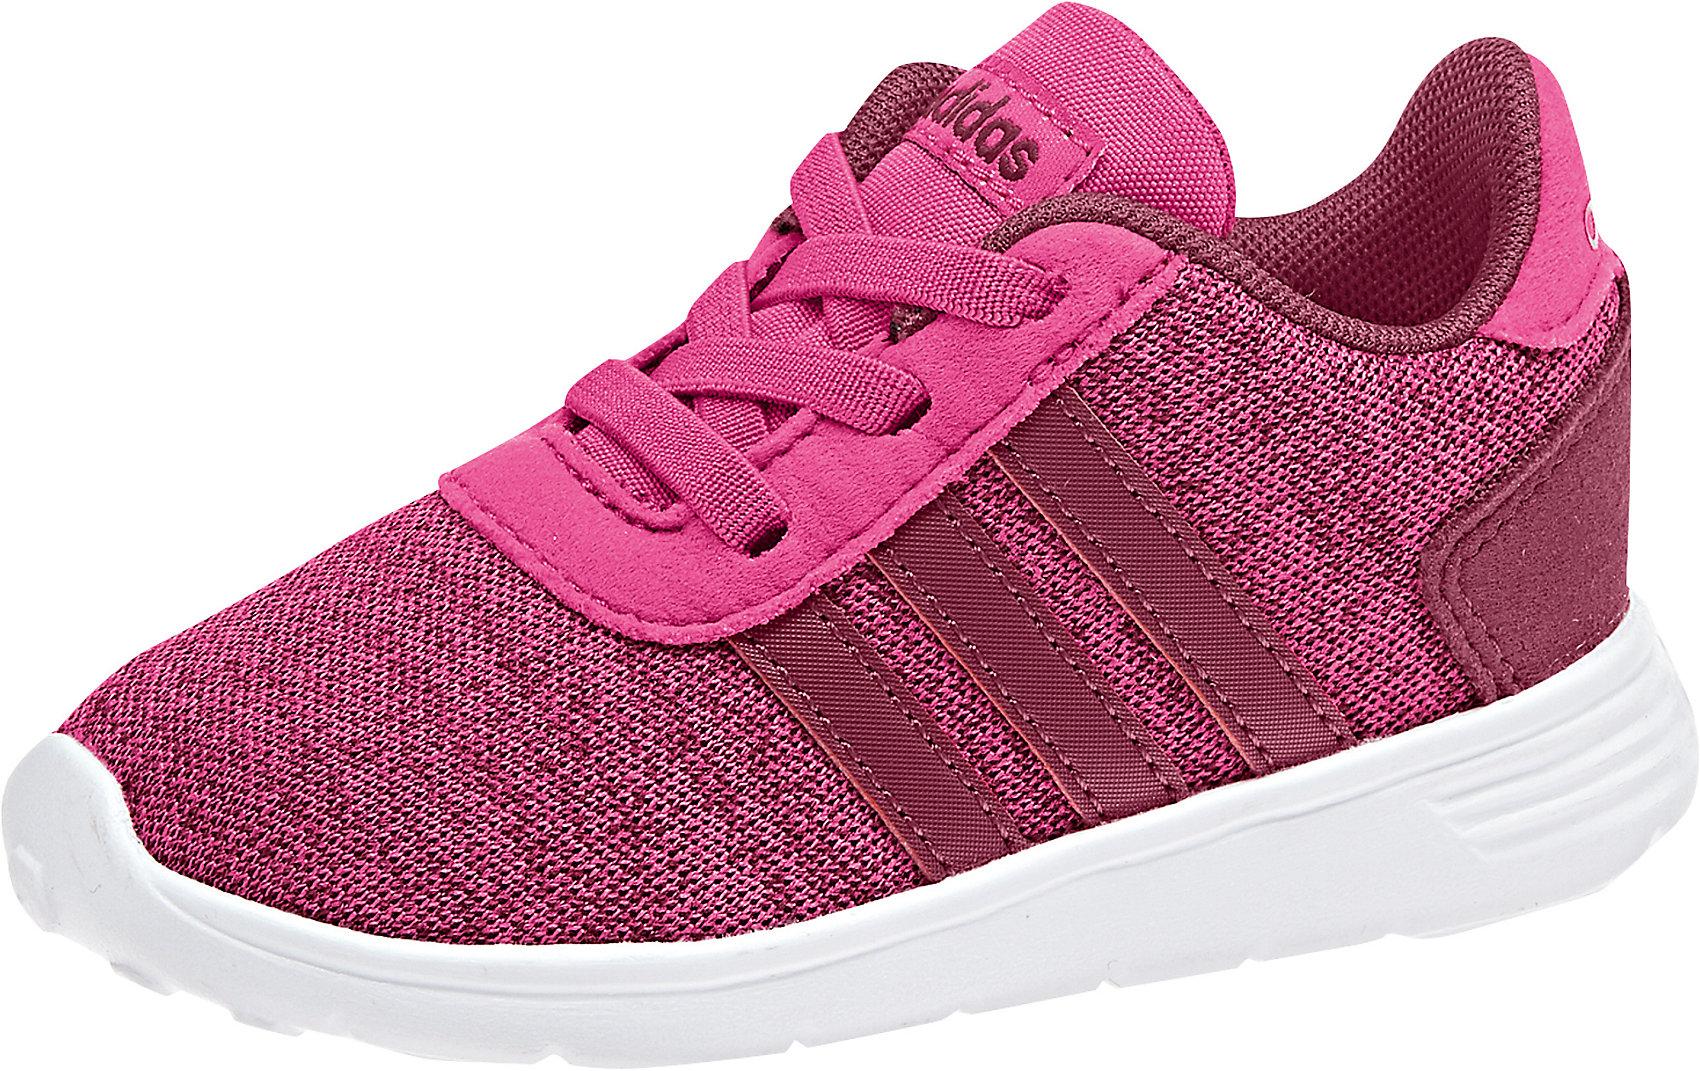 Details zu Neu adidas Sport Inspired Baby Sneakers LITE RACER INF für Mädchen 8399177